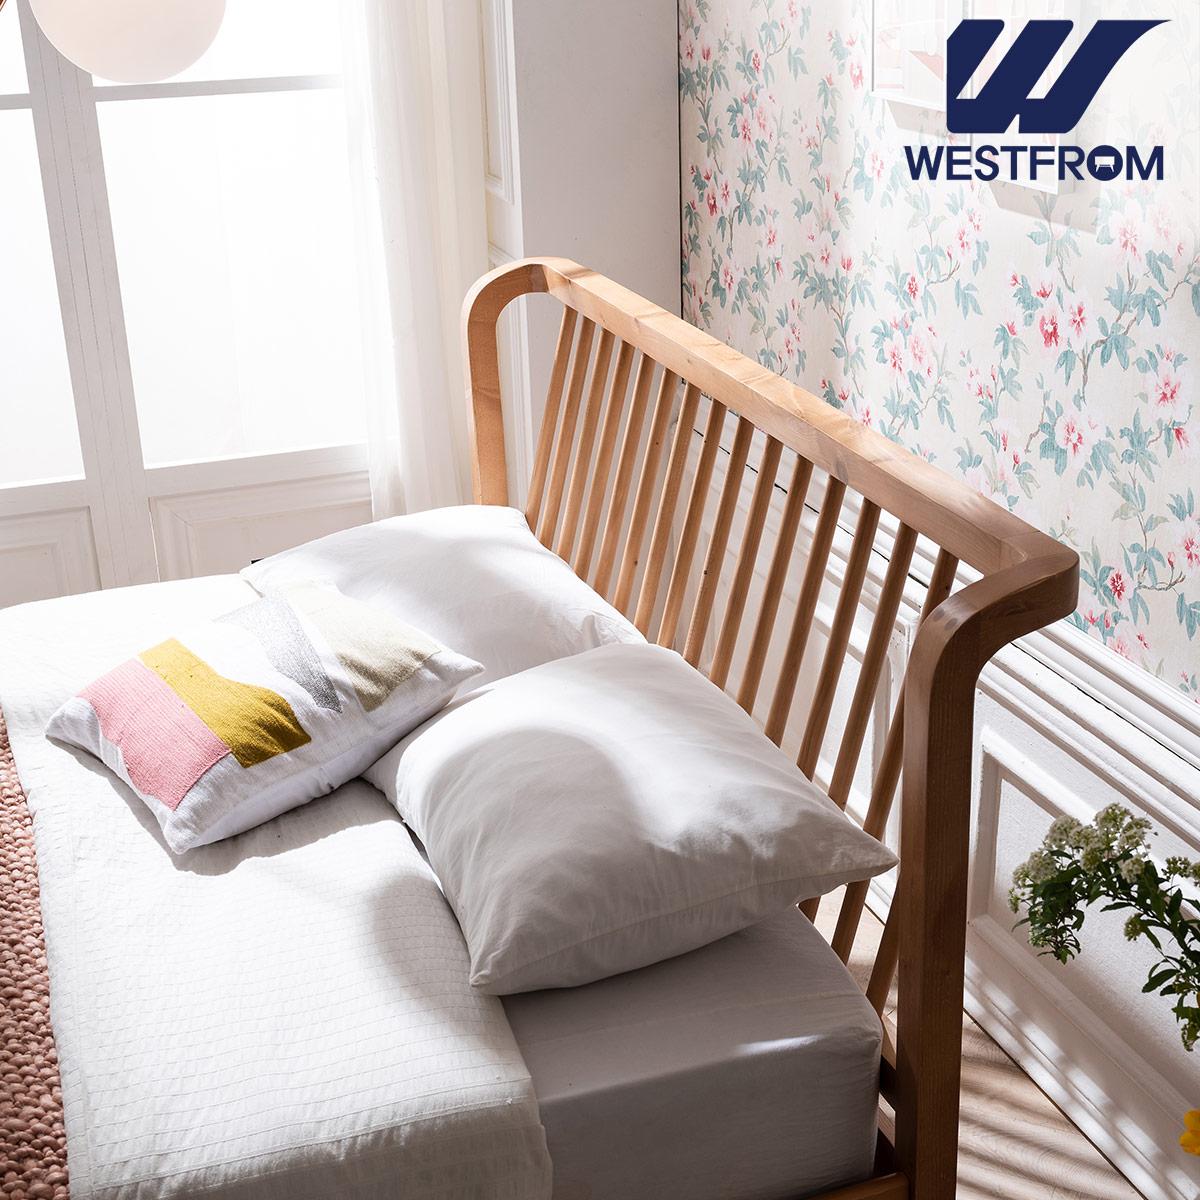 [웨스트프롬] 모던 NEW잉그리드) 원목 평상형 침대(퀸) / F17 QUEEN 매트리스